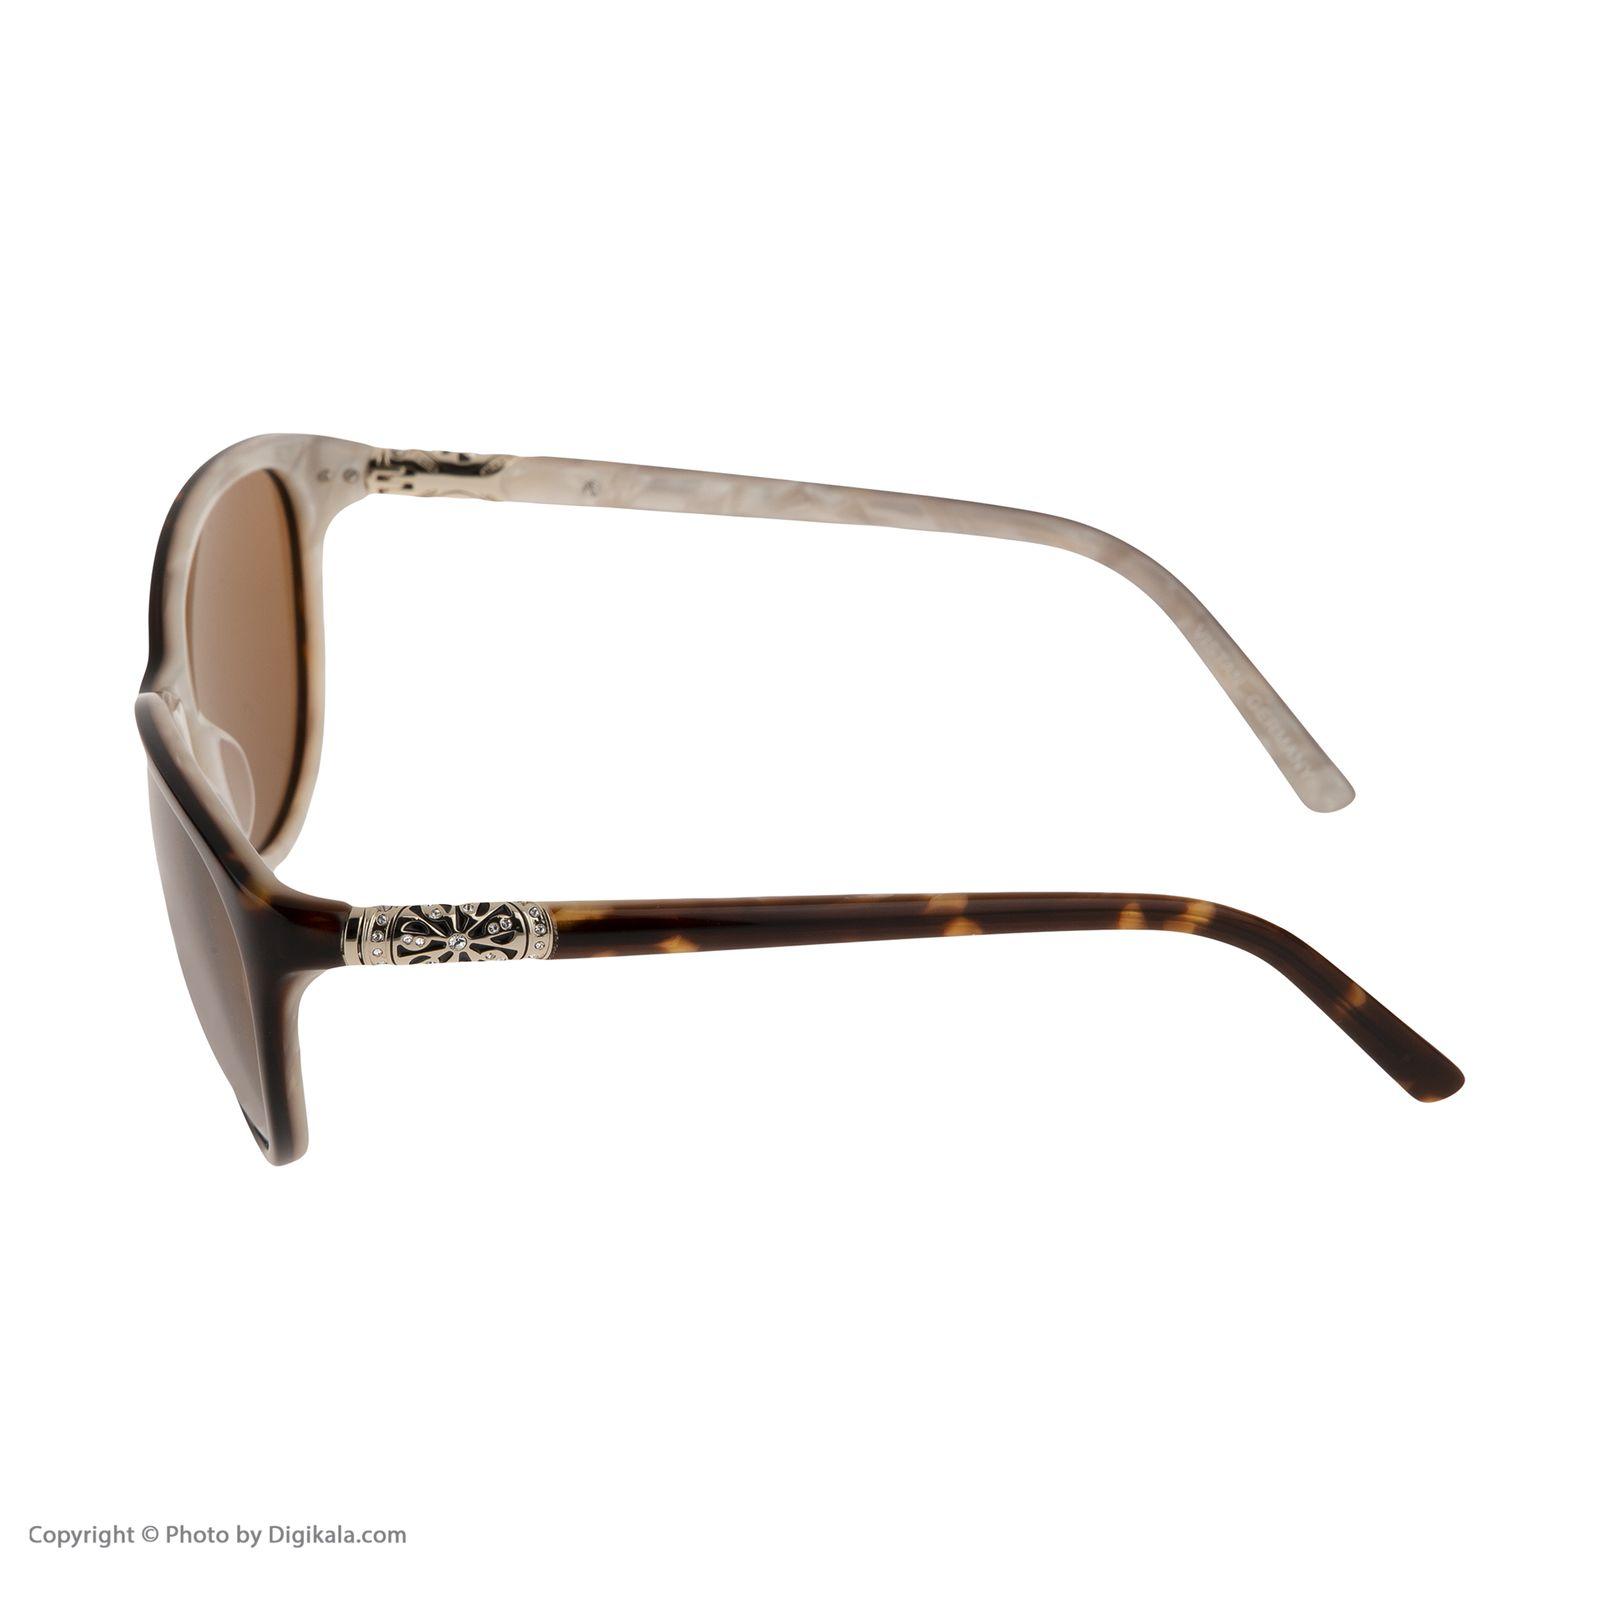 عینک آفتابی زنانه ویستان مدل 7950003 -  - 2